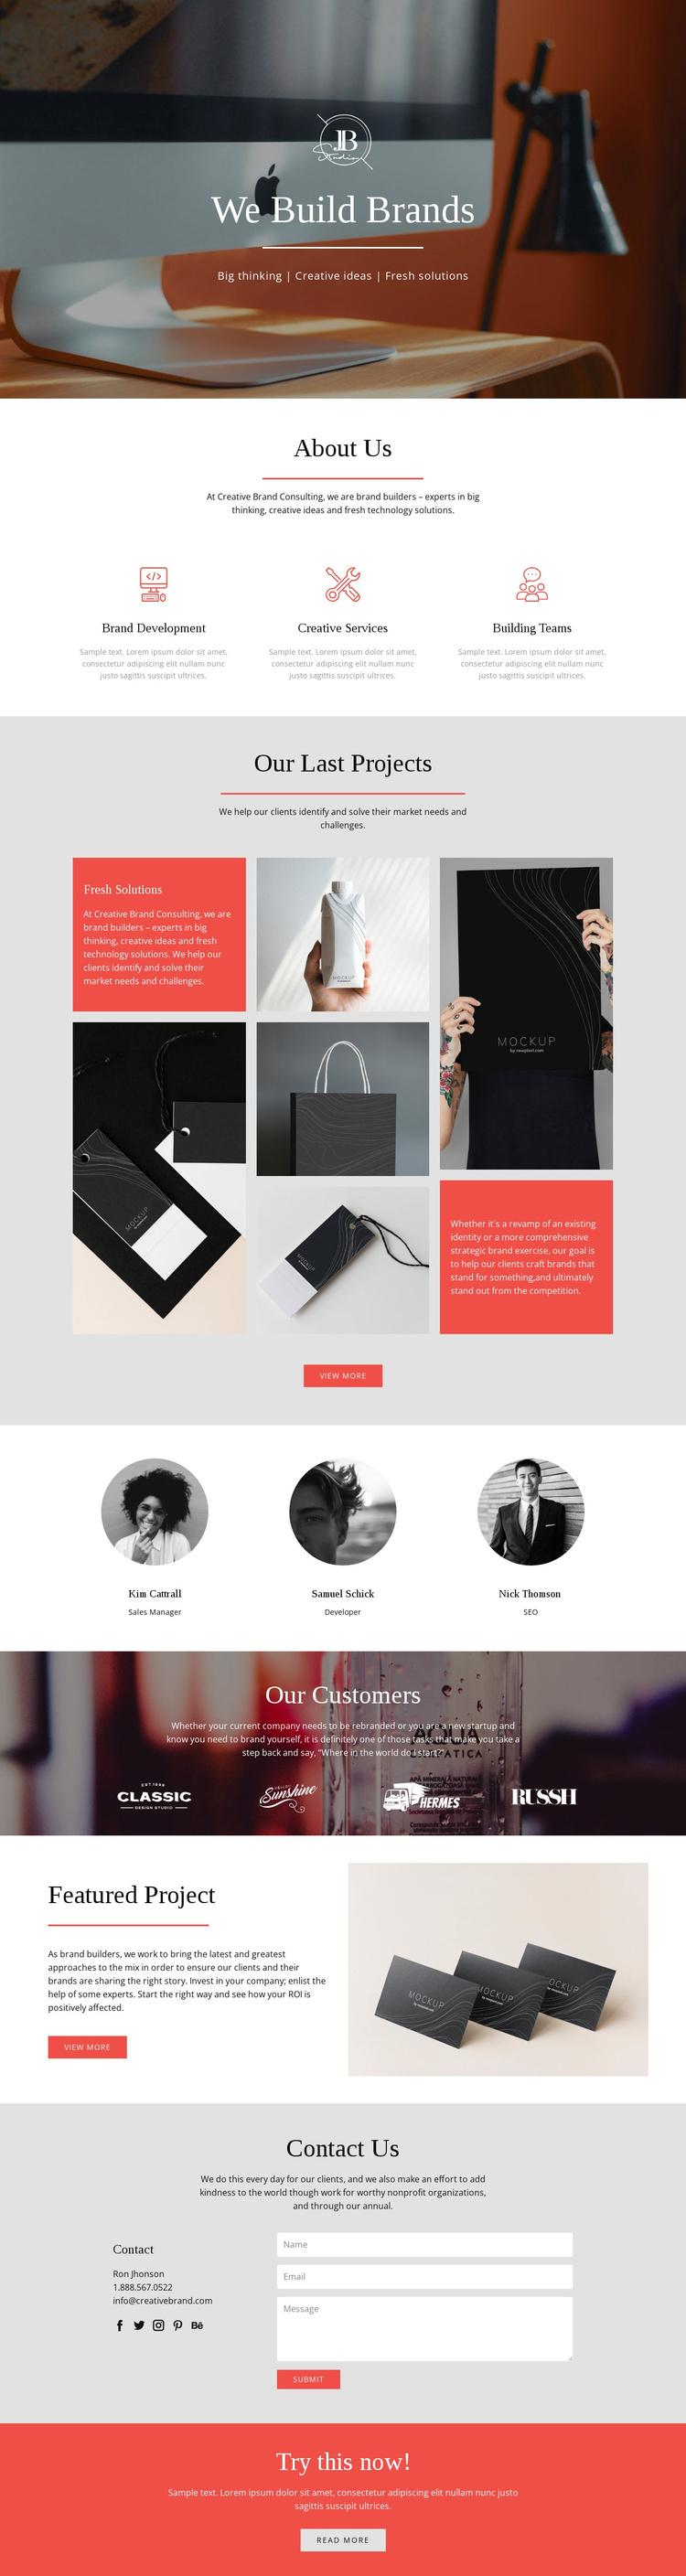 We build brands Joomla Template